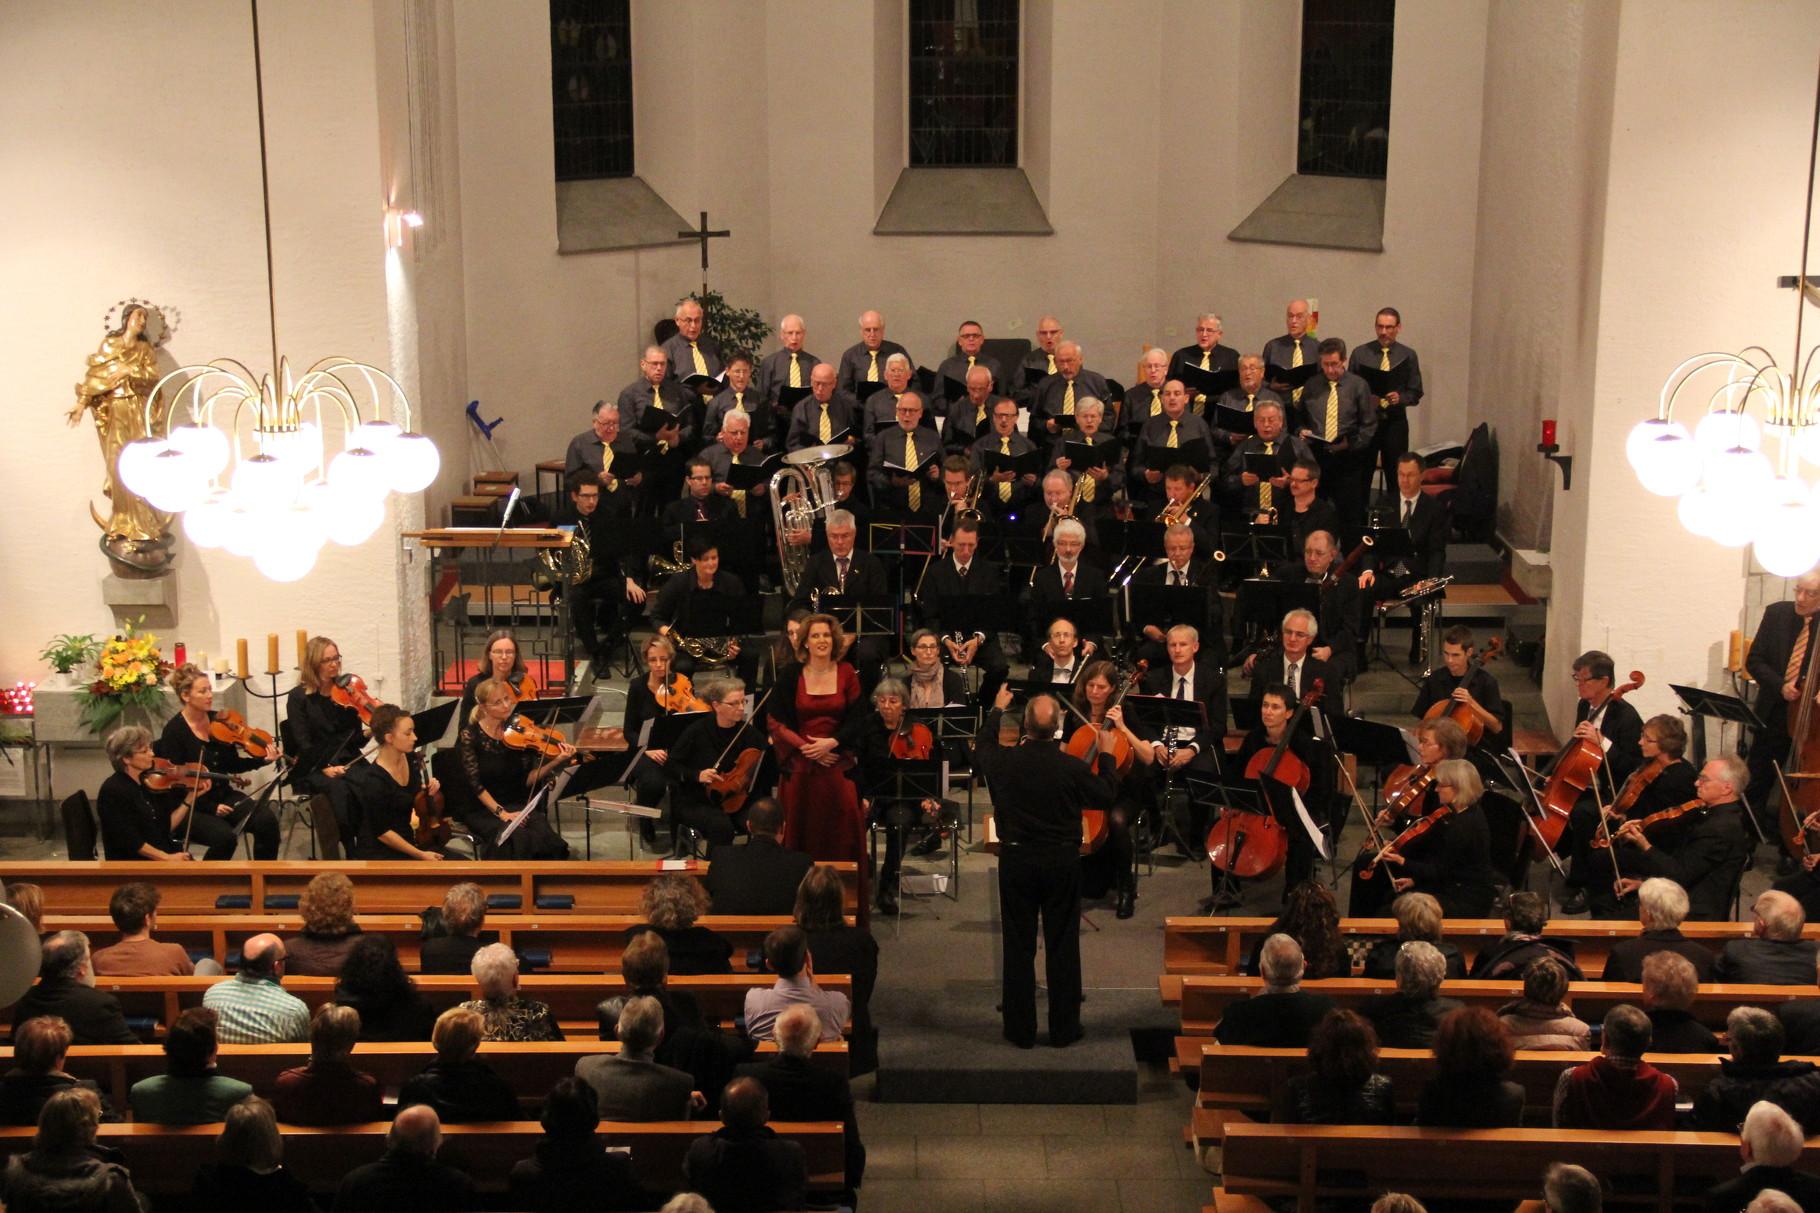 Verdi-Gala in Dottikon, November 2013